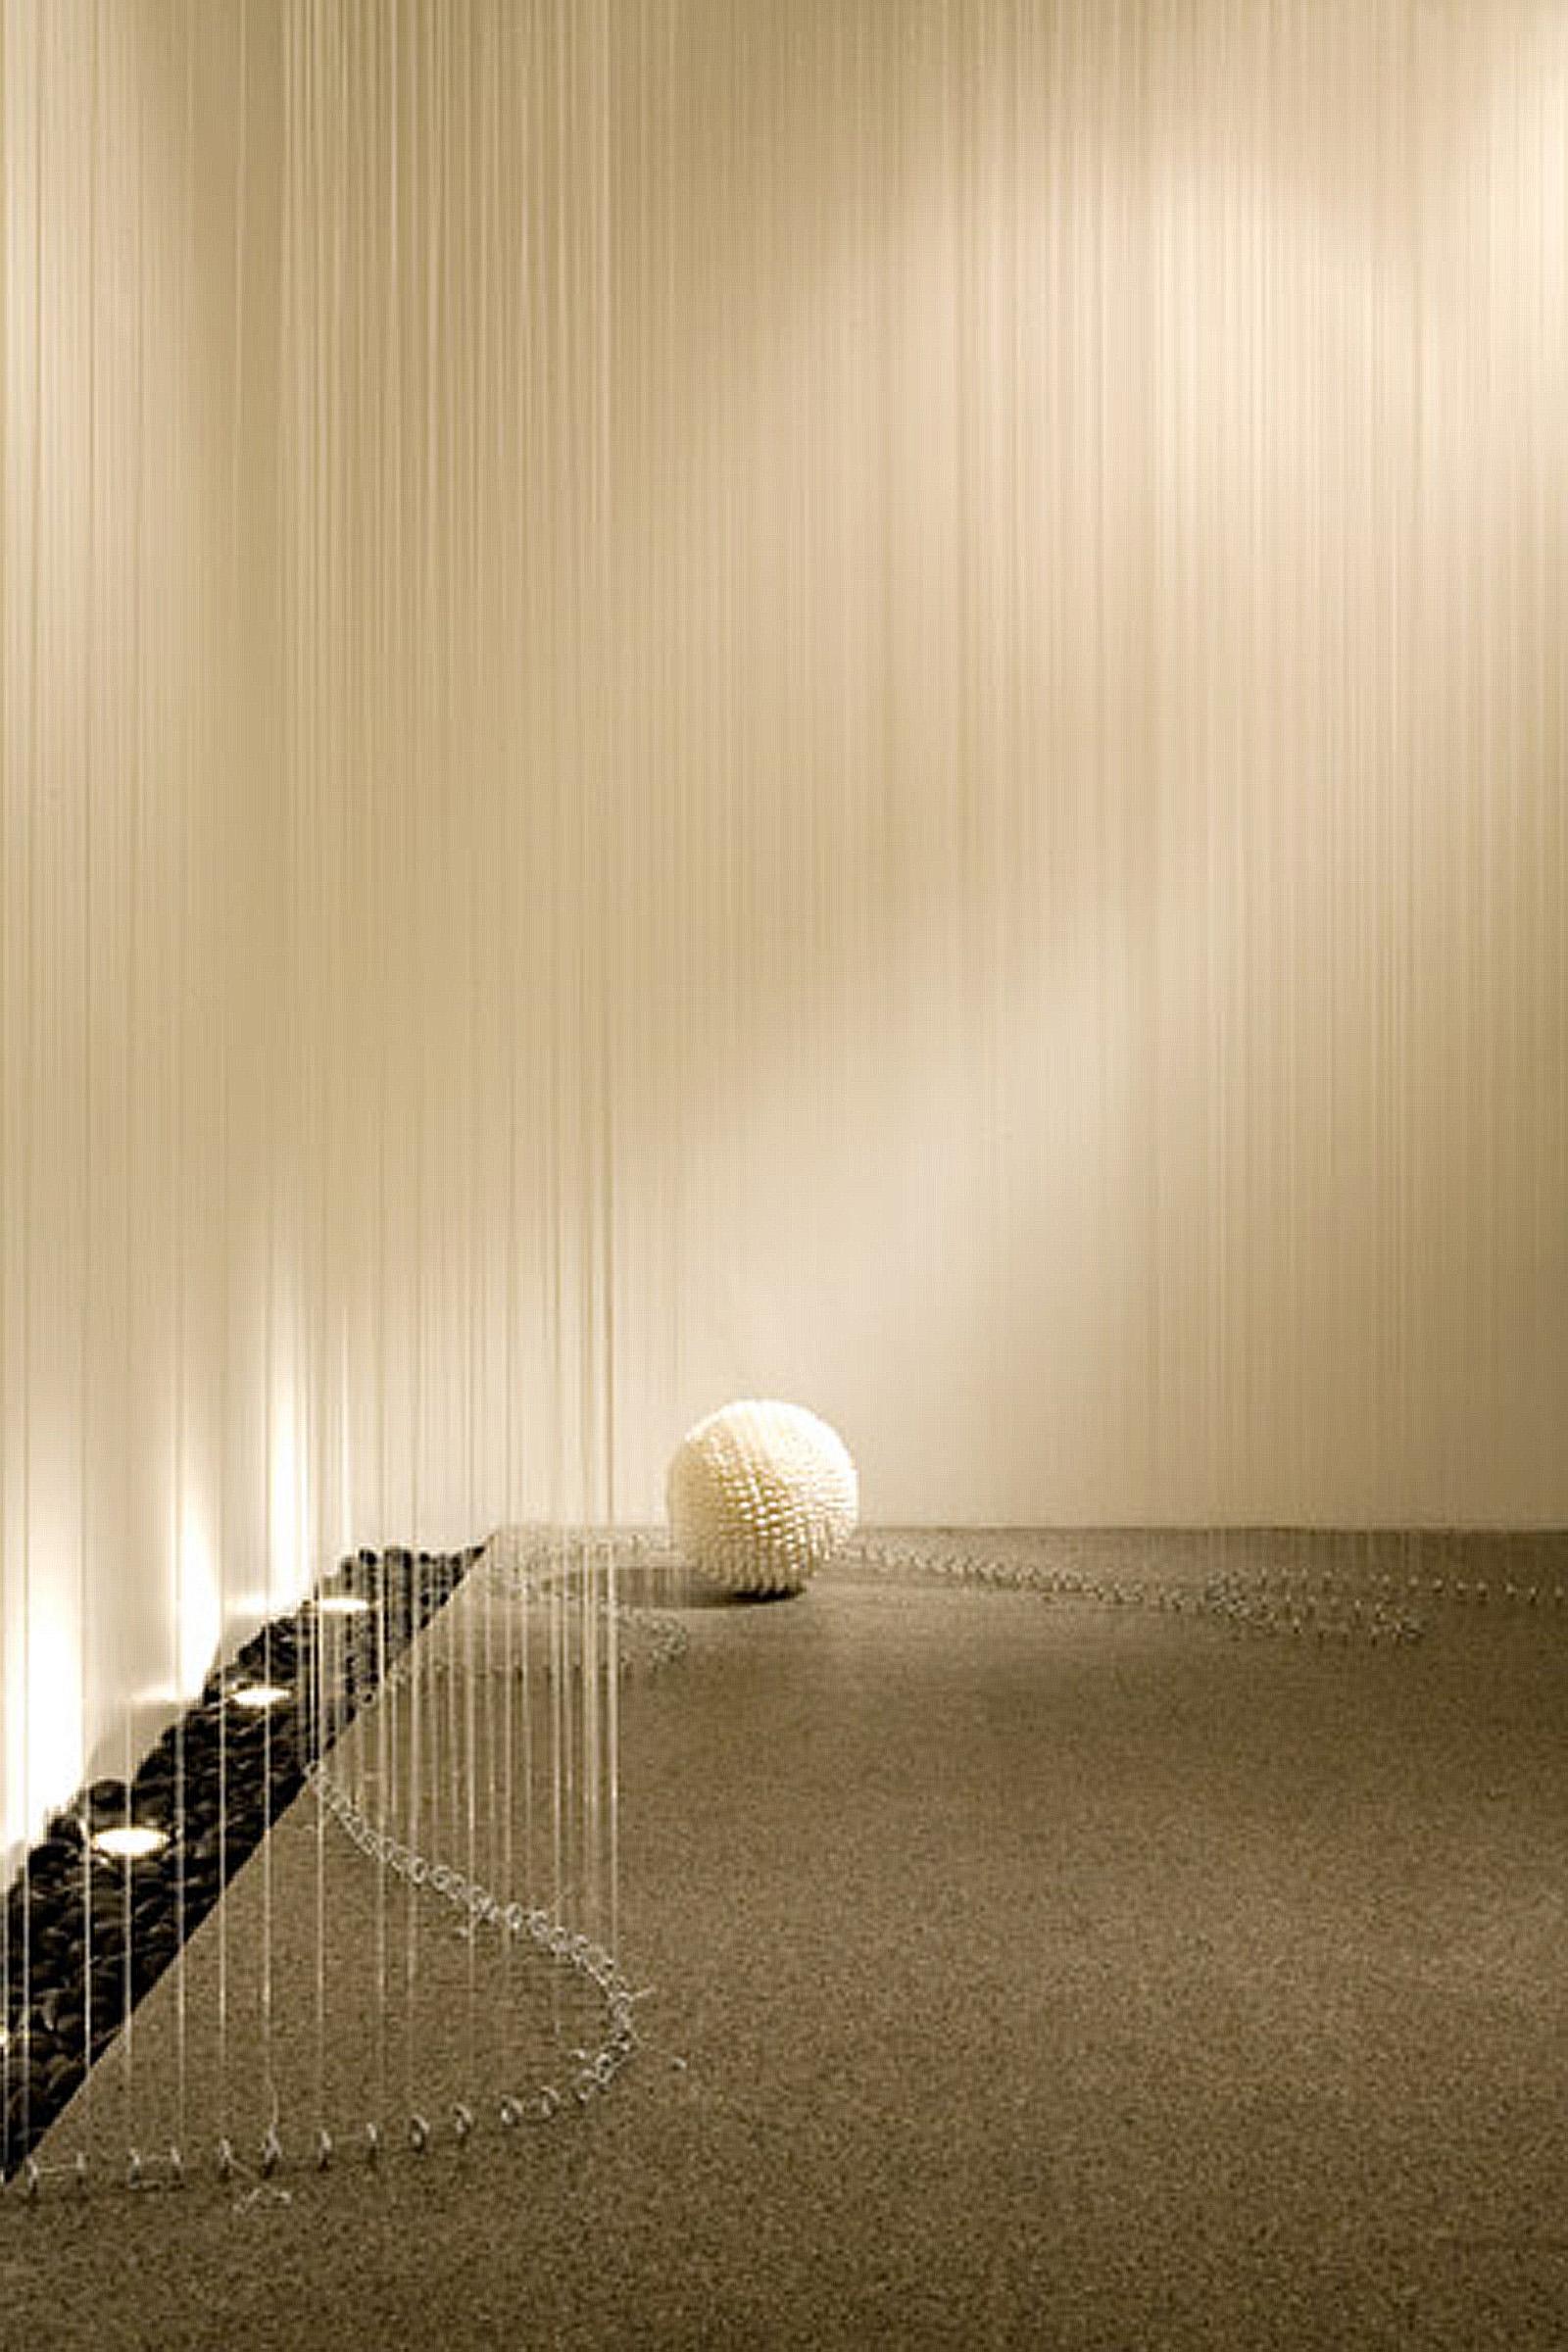 Rain, Custom Installation by ITA +KUBE